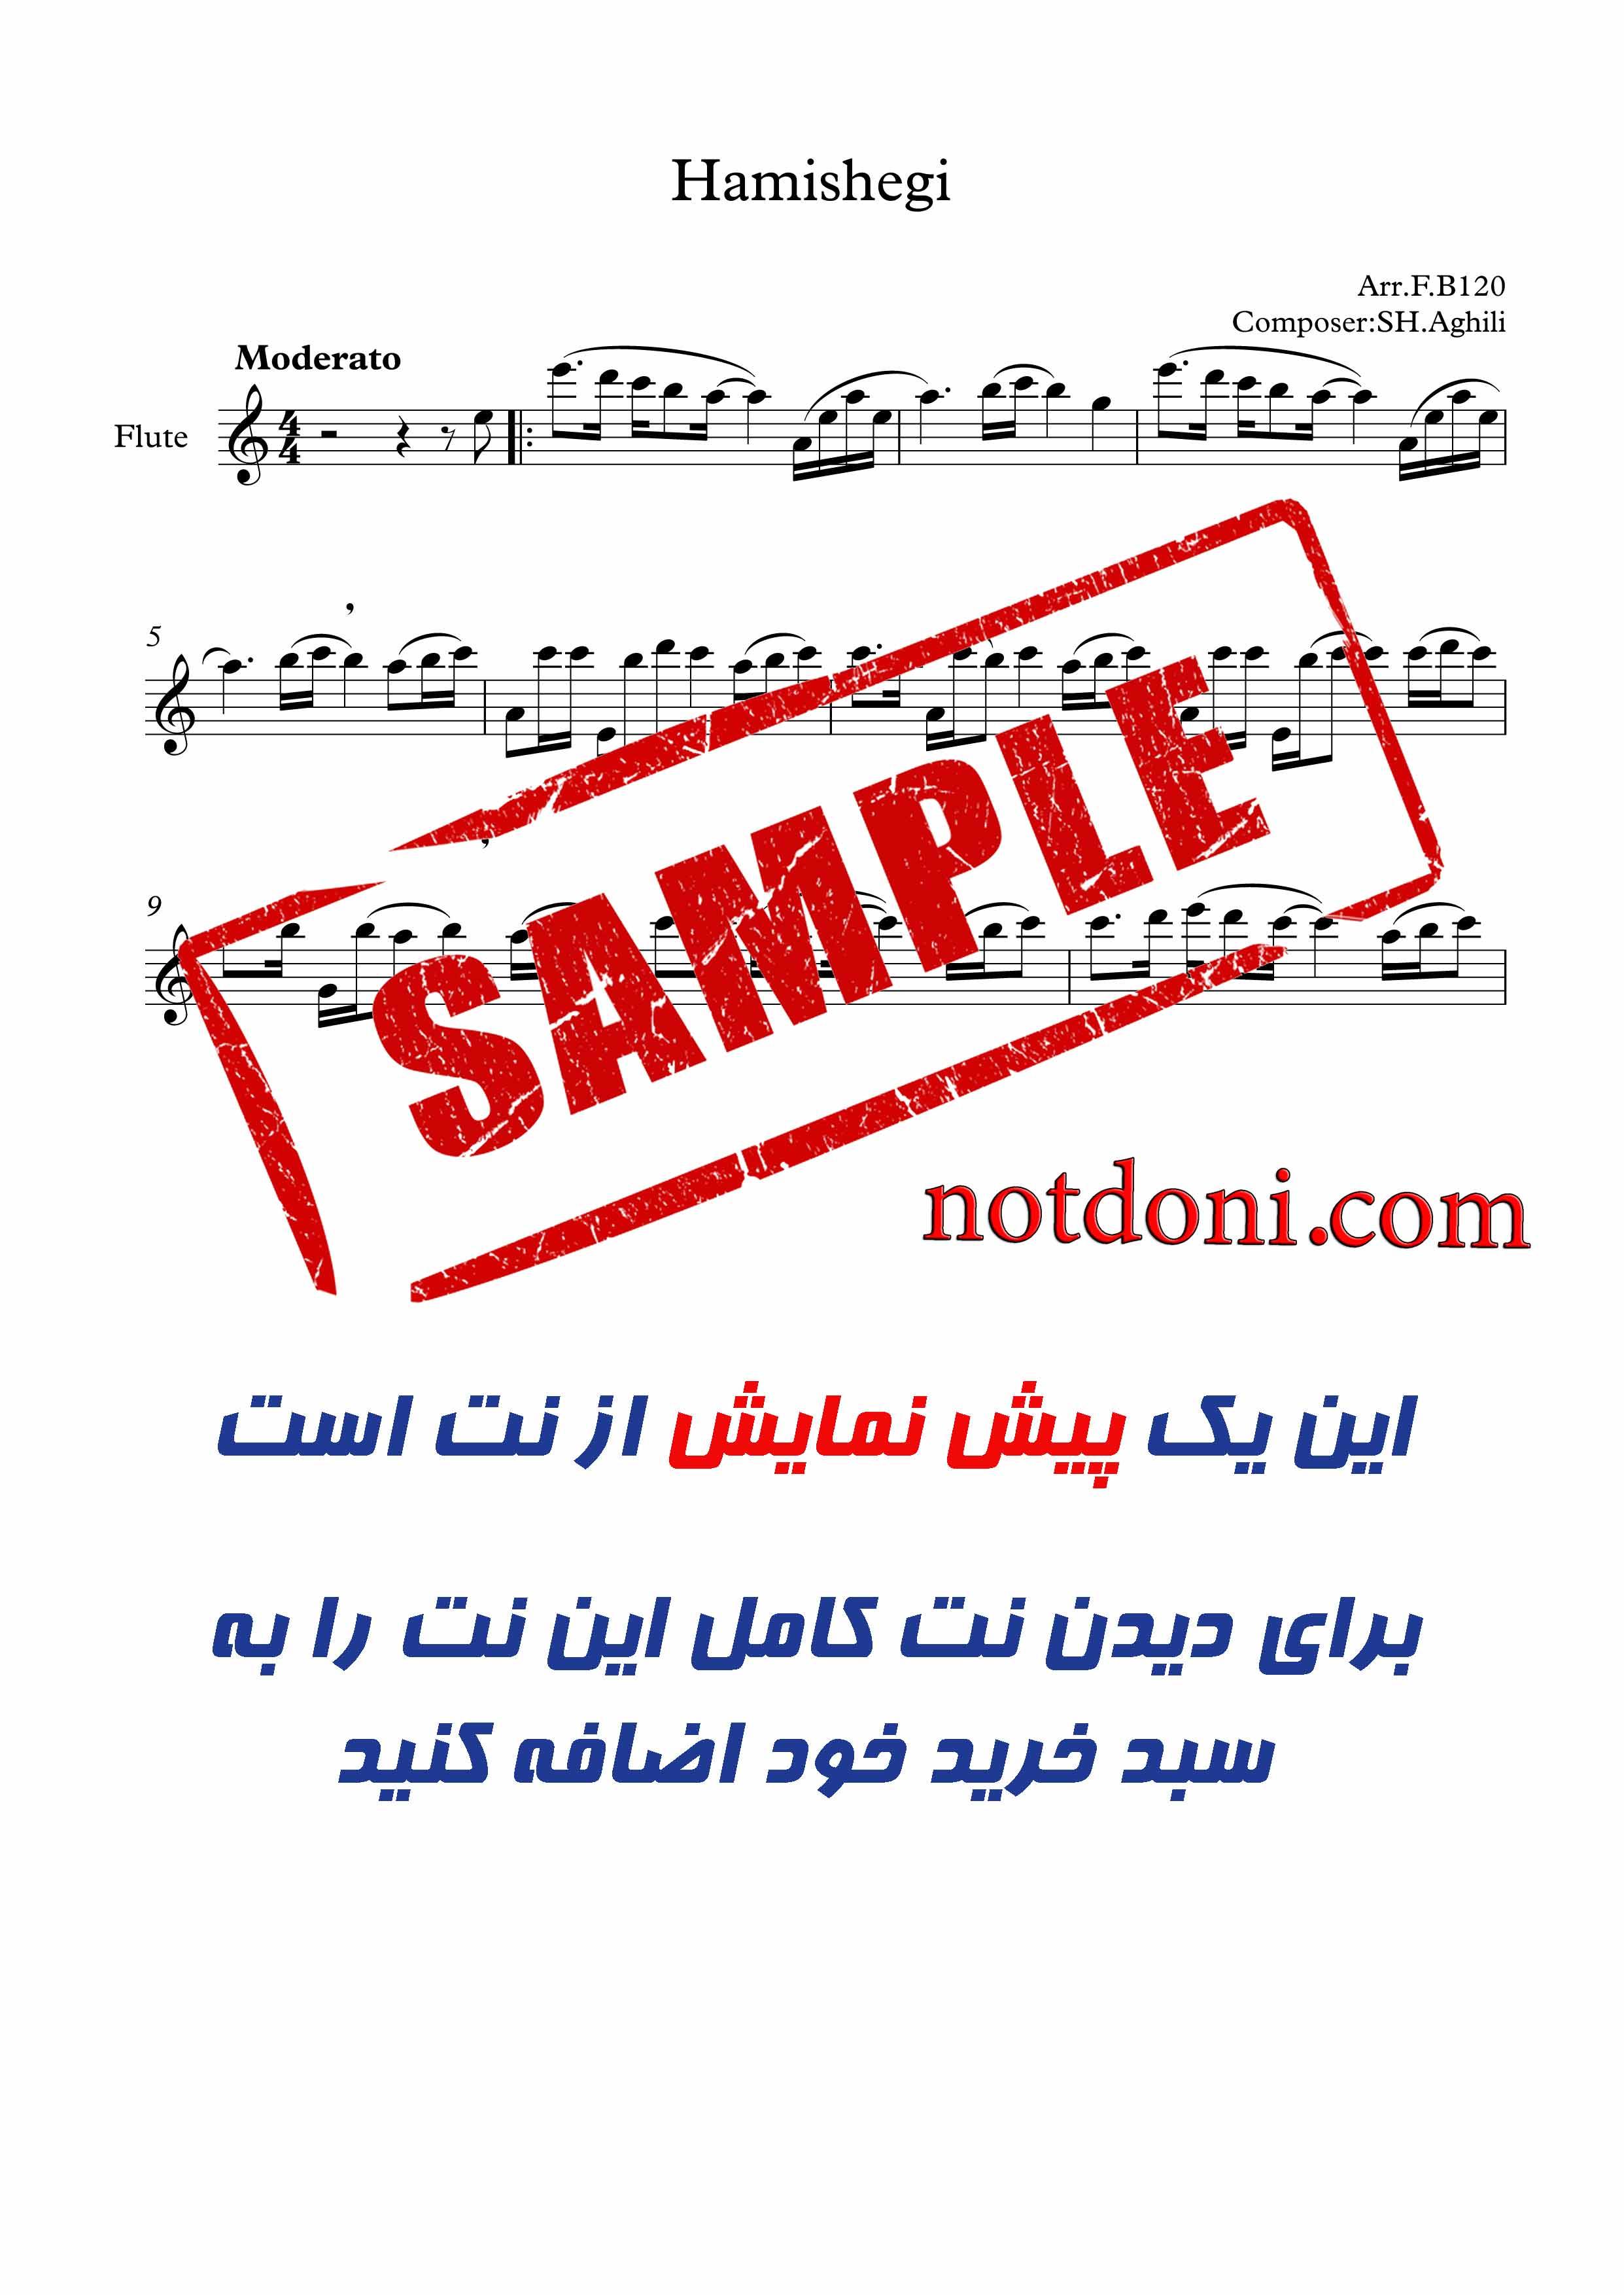 f41aeec9-302a-4f74-86ed-8f8bf3eb0ca6_دموی-نت-آهنگ-همیشگی-فلوت.jpg